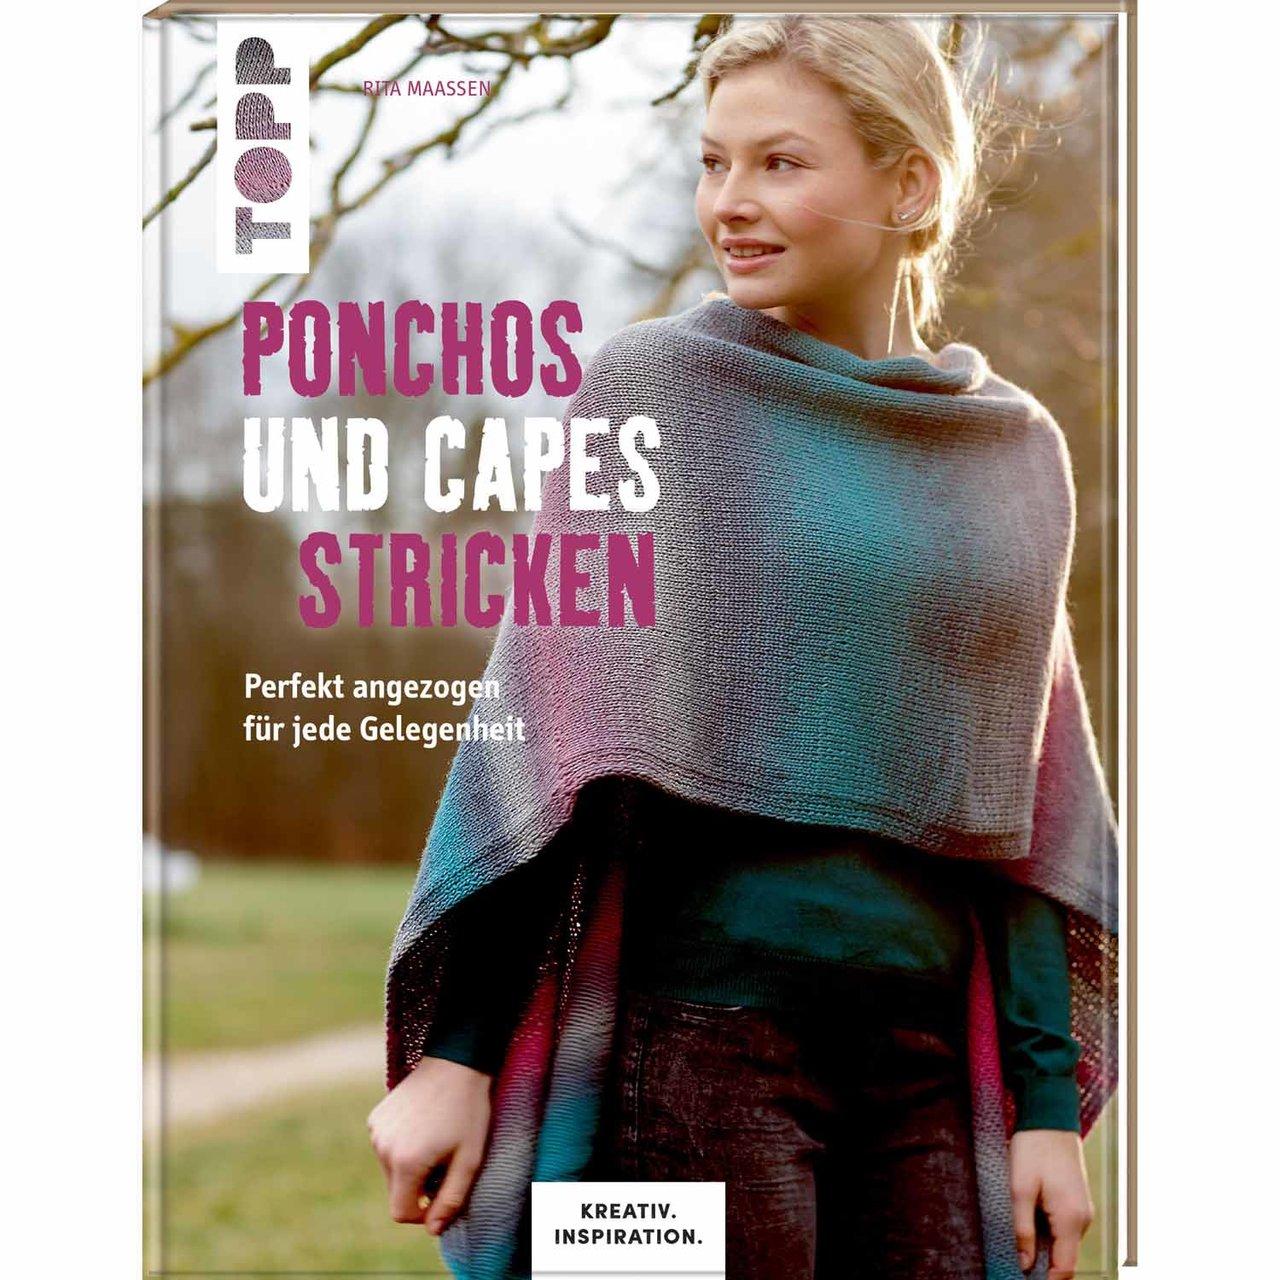 TOPP Ponchos und Capes stricken